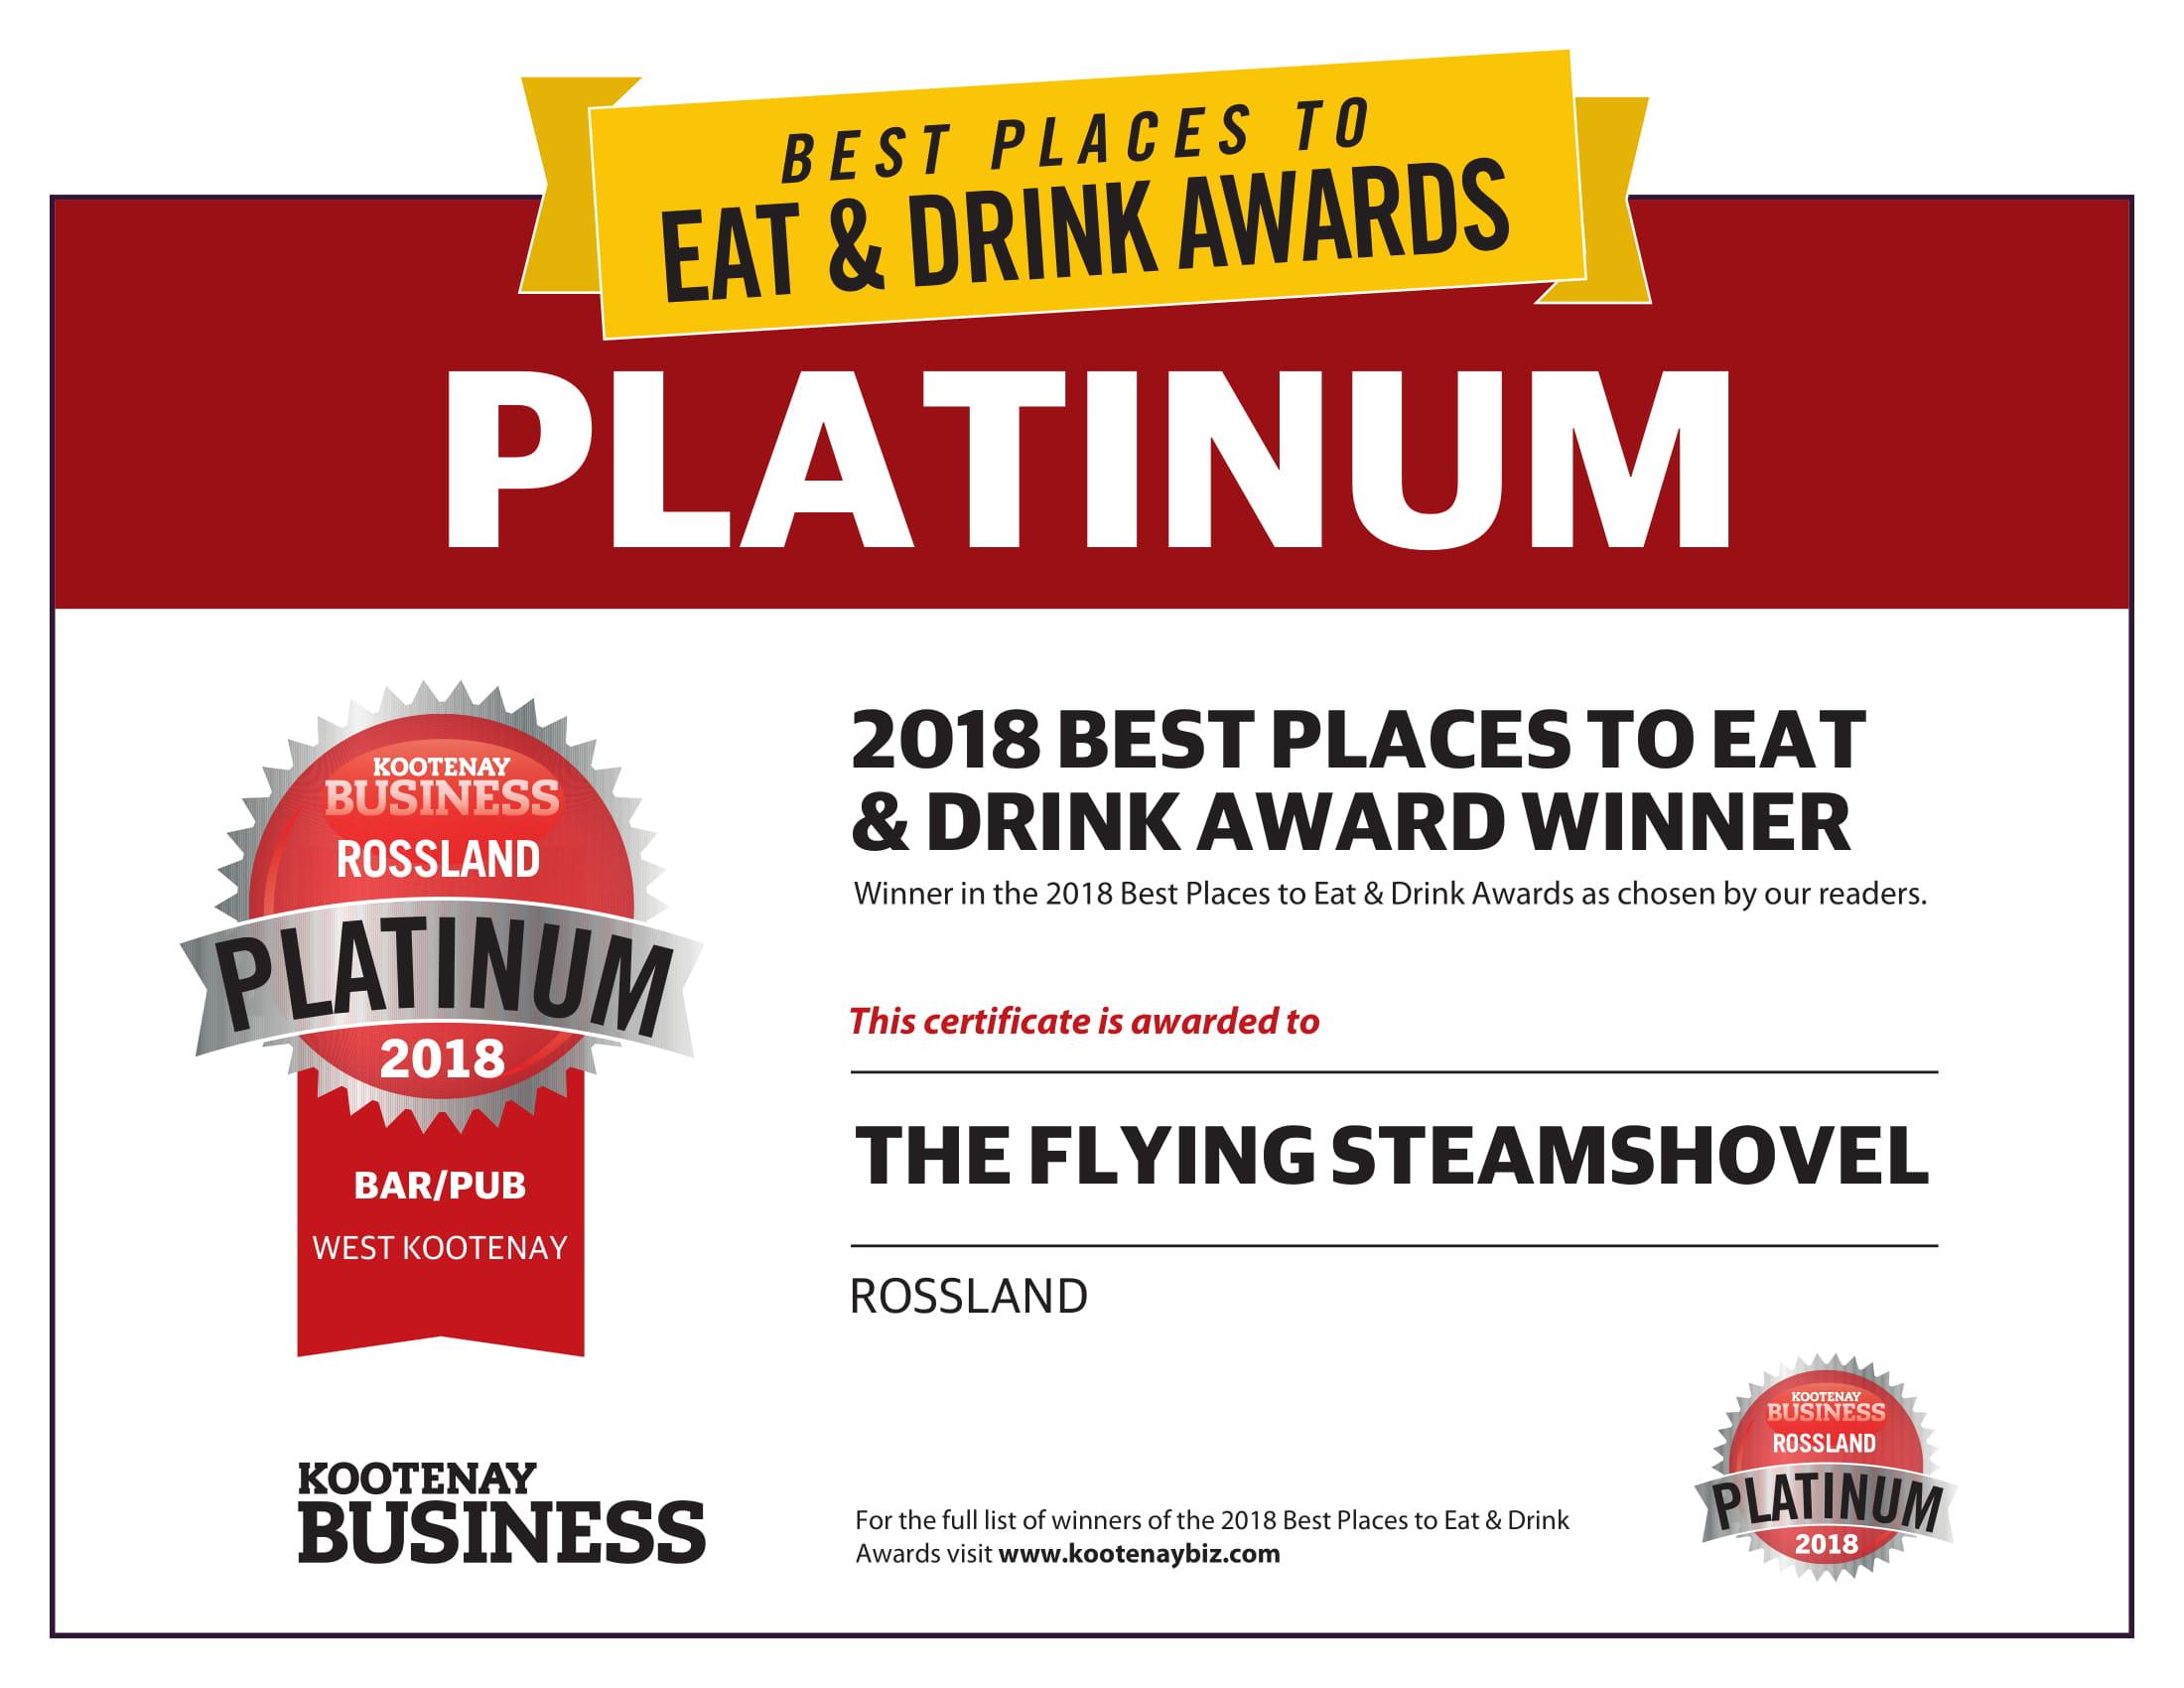 Rossland_The Flying Steamshovel_P-1.jpg